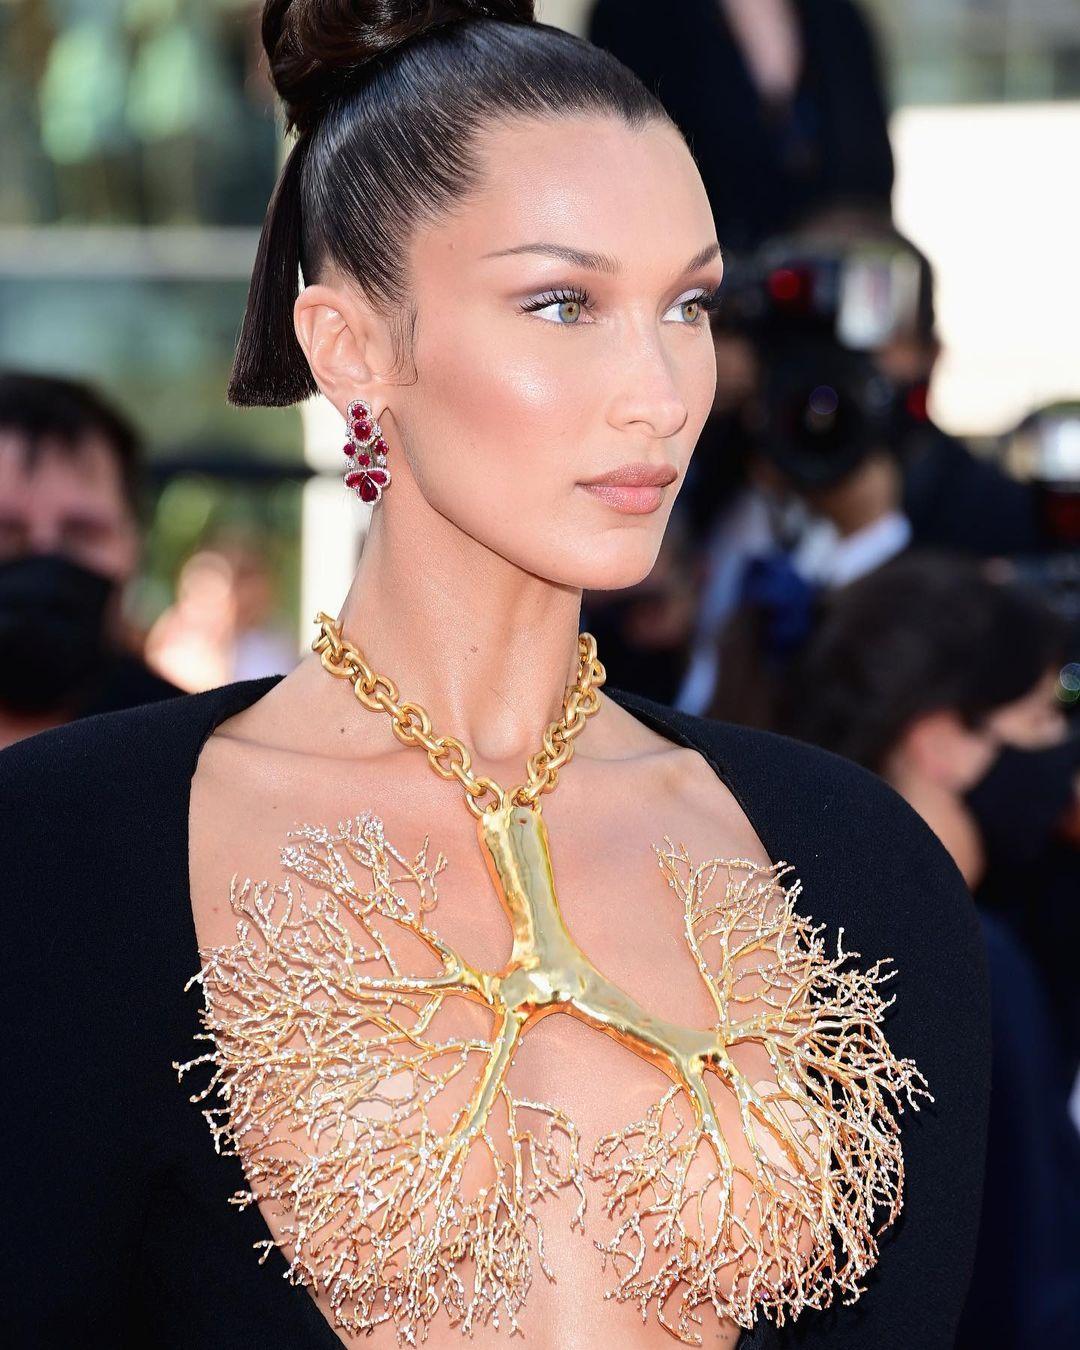 Chiếc đầm cut-out cùng chiếc vòng cổ vàng của Bella Hadid